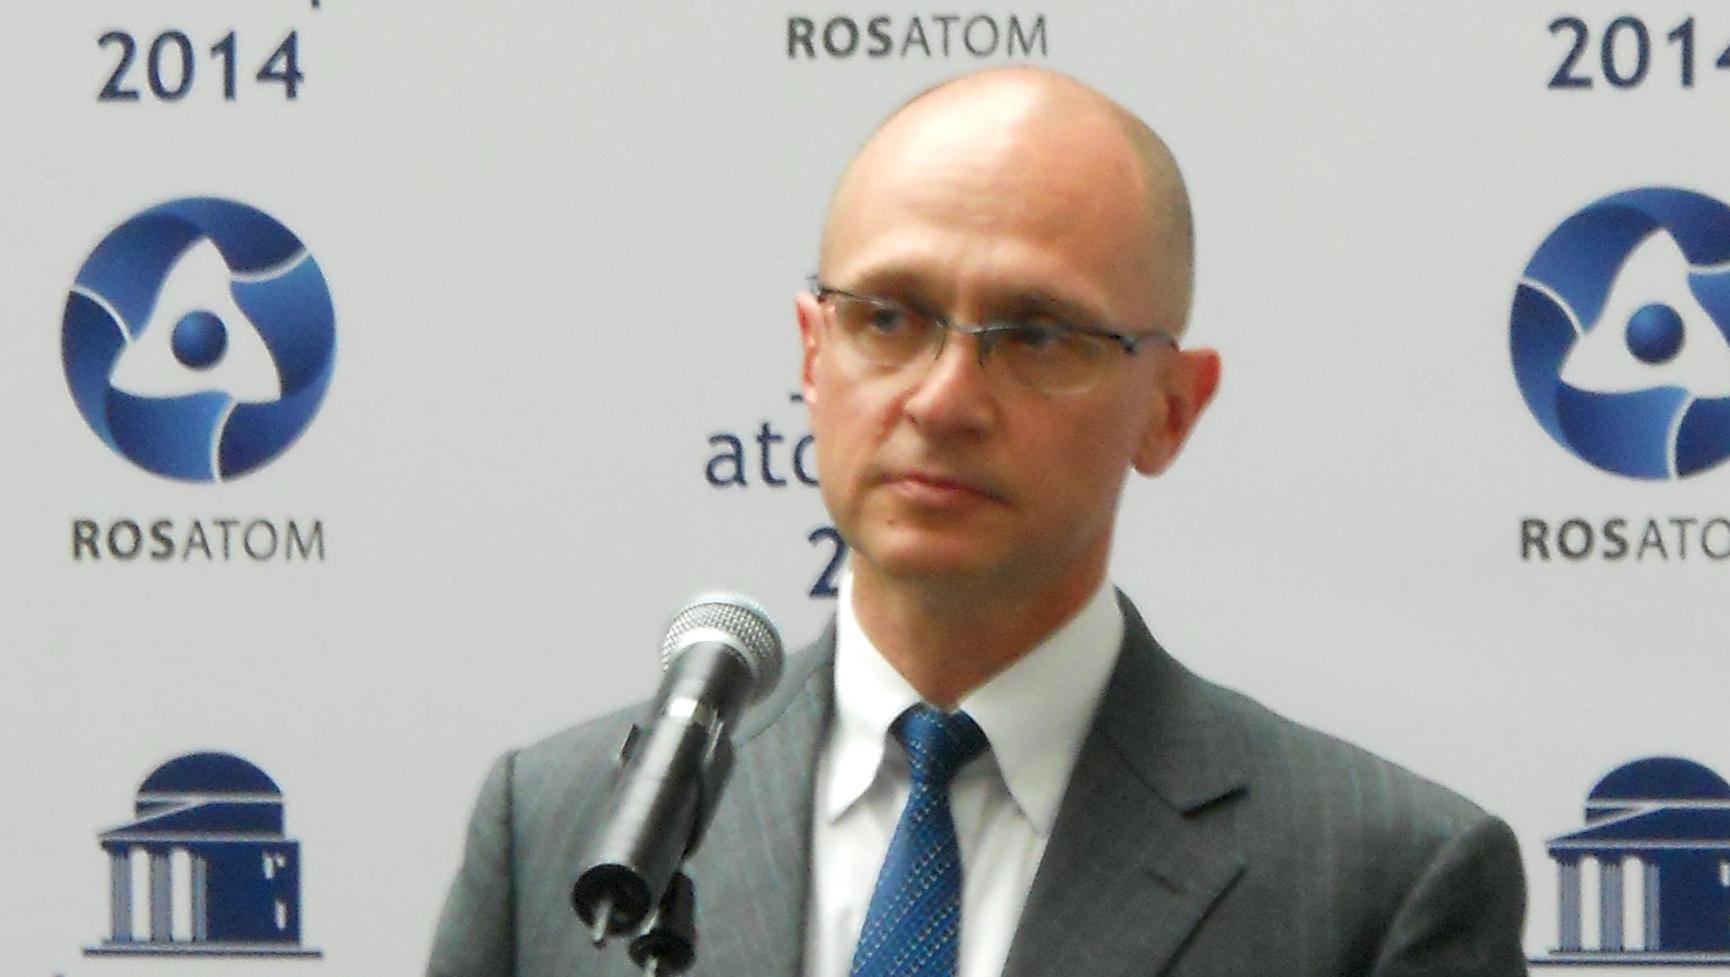 Pravda.sk – Šéf Rosatomu Kirijenko: Sme trpezliví